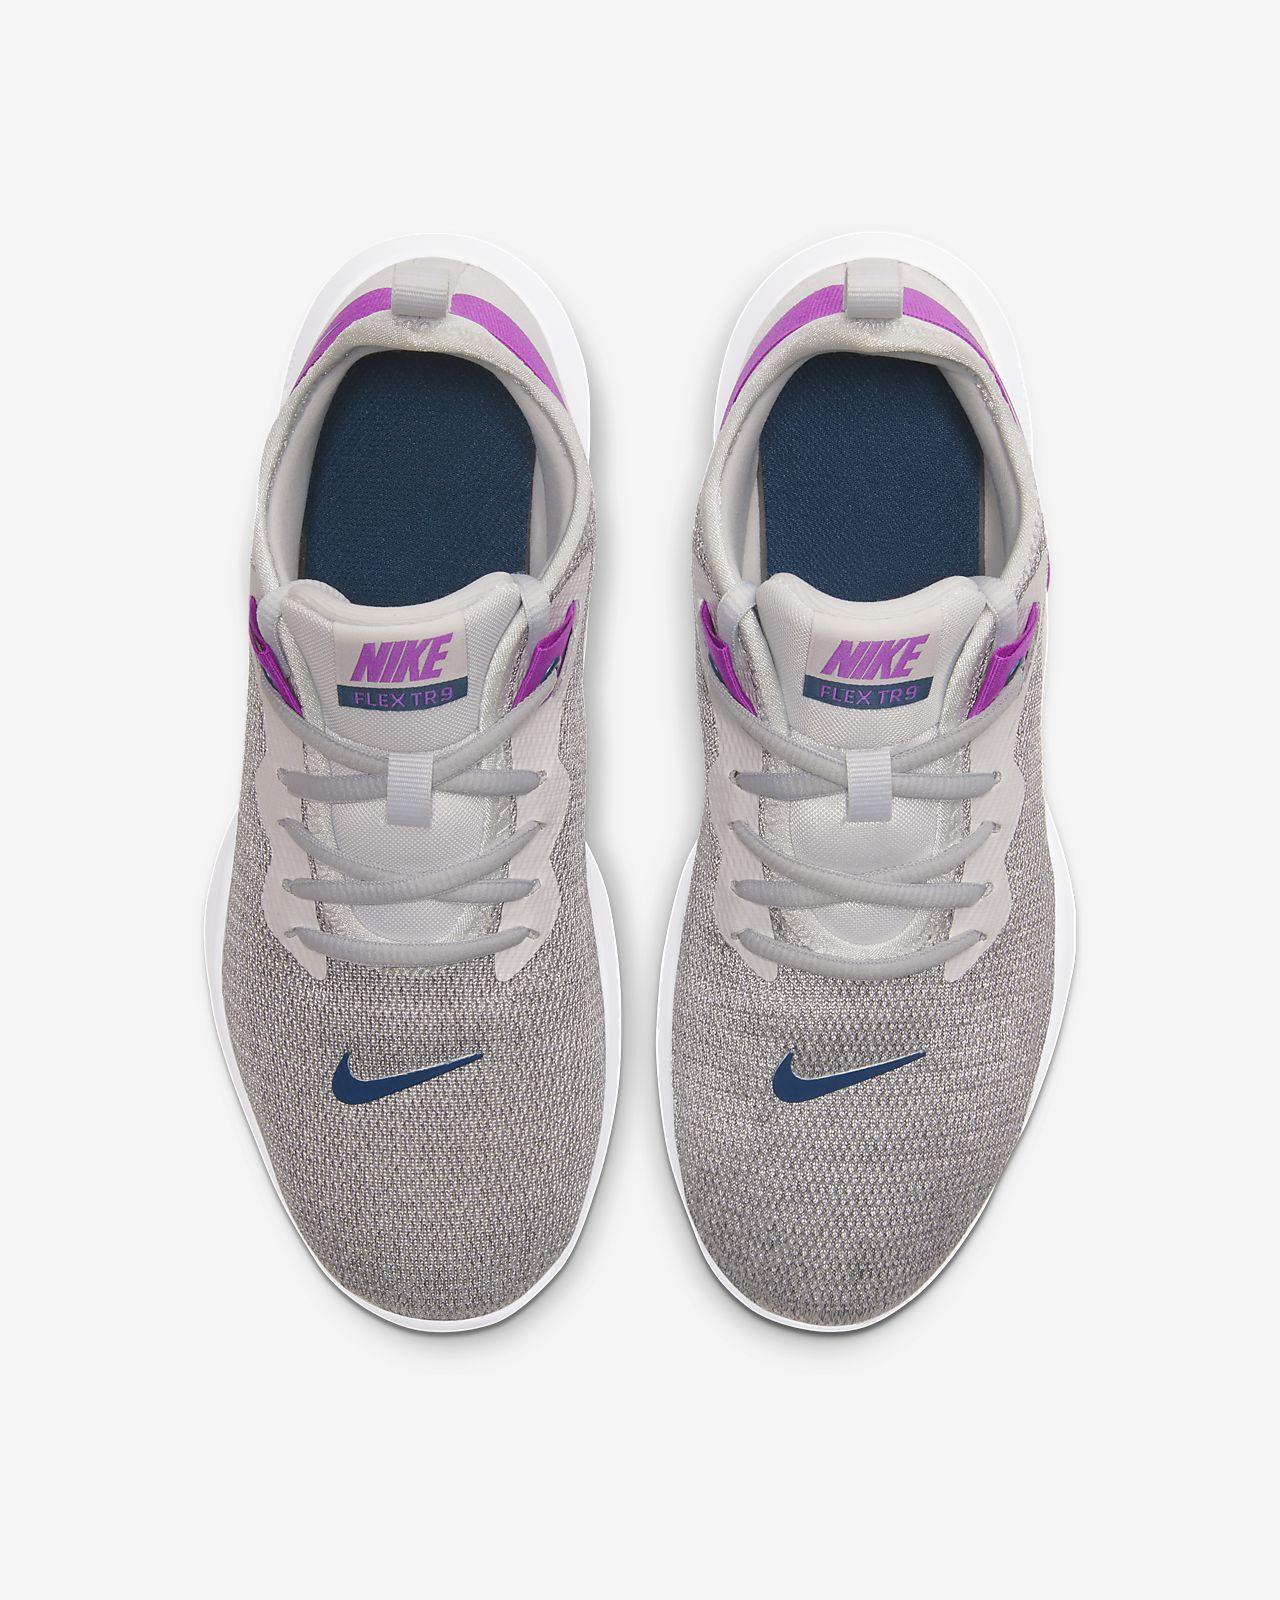 Womens training shoes, Nike flex